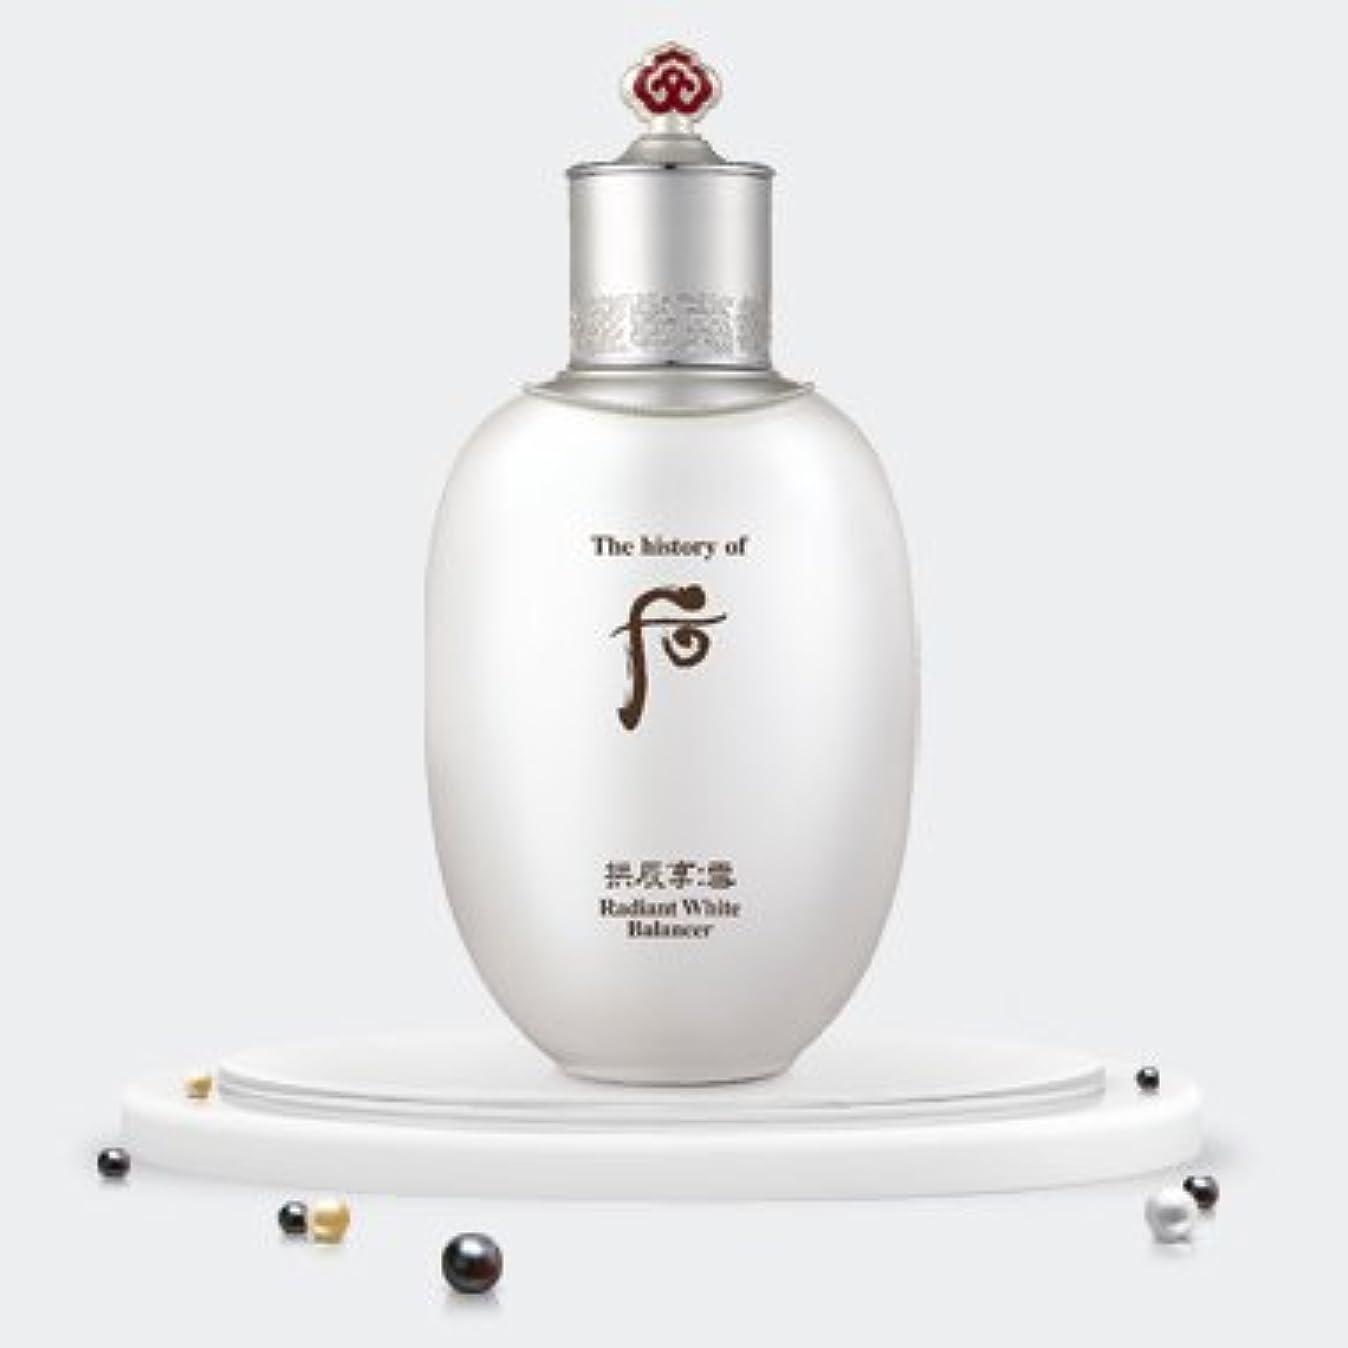 減らす連鎖したいThe history of Whoo Gongjinhyang Seol Radiant White Balancer 150ml/ザ ヒストリー オブ フー (后) 拱辰享 雪 ラディアント ホワイト バランサー 150ml